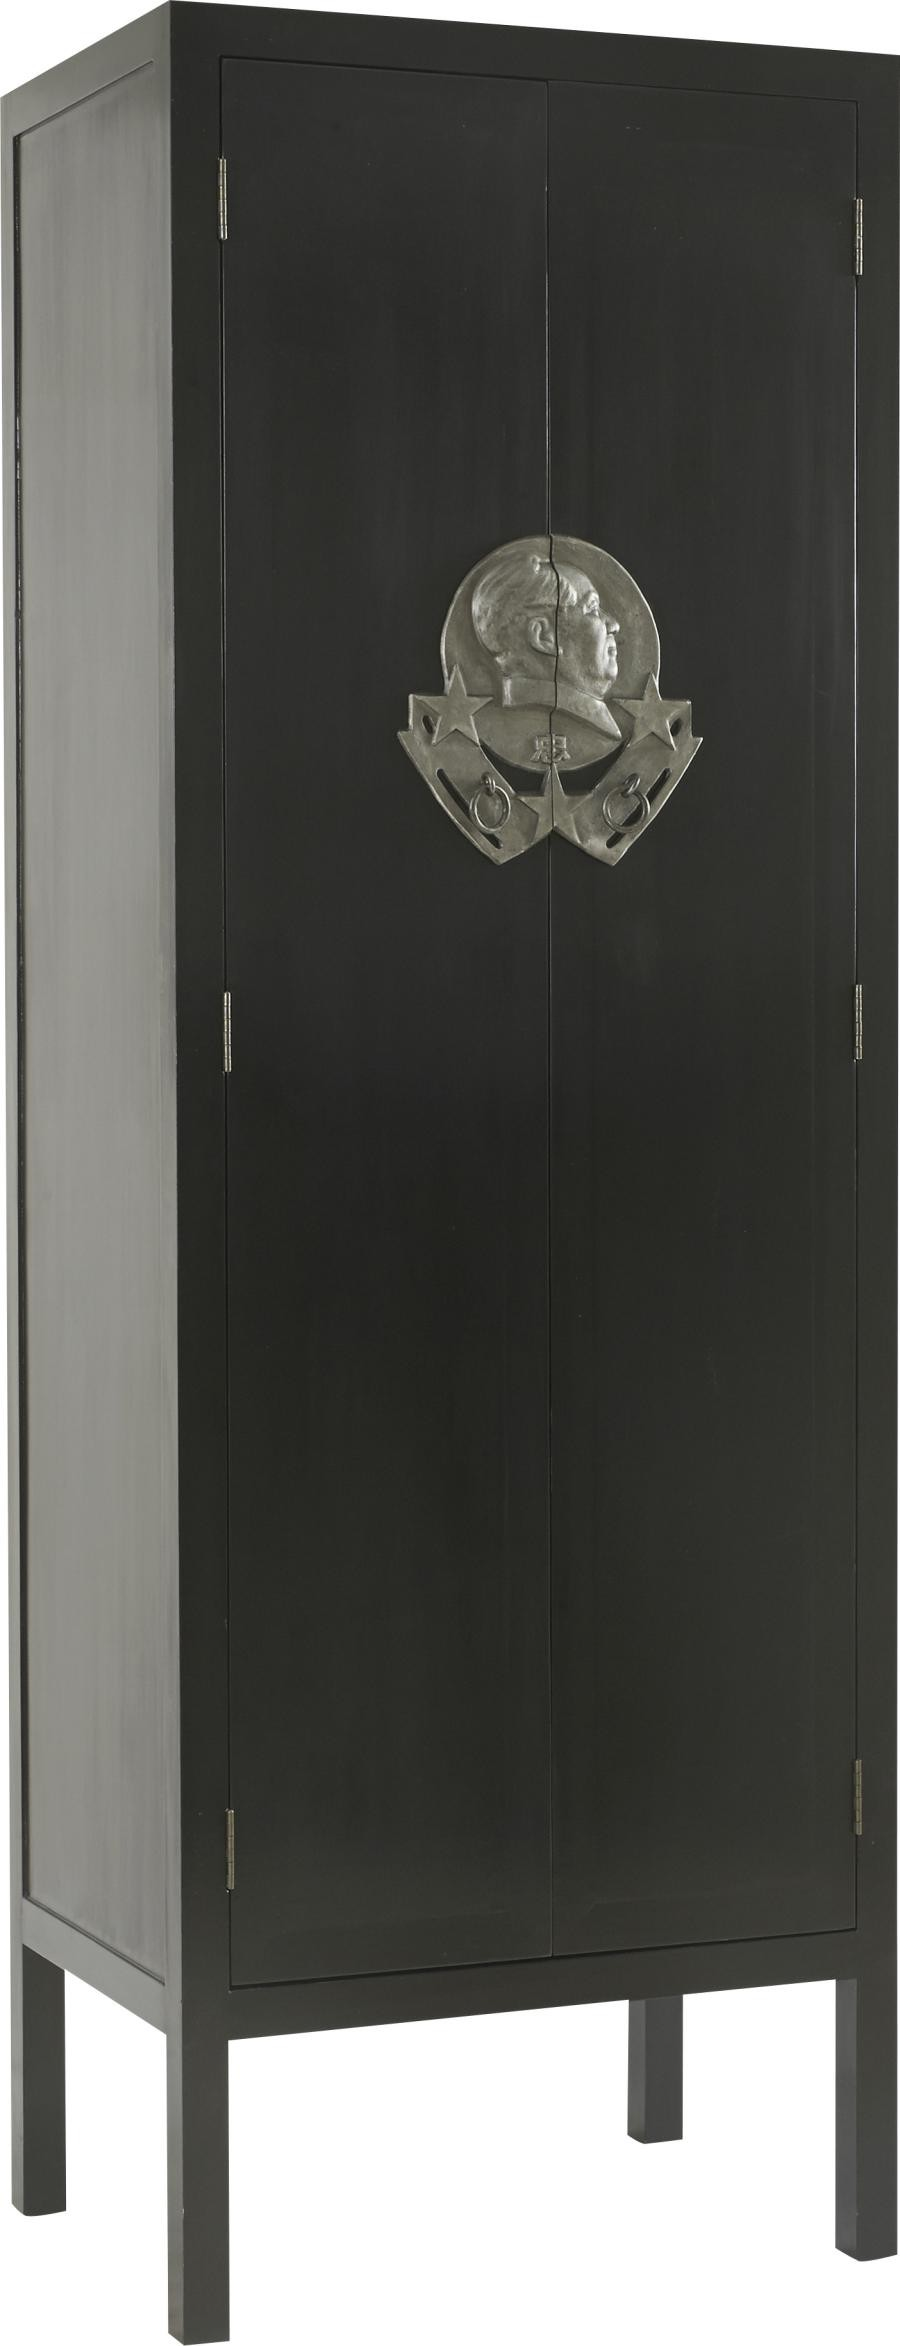 Armoire 2 Portes Asiatique Hong En Bois Vernis Noir 80x56xH230cm Ha.